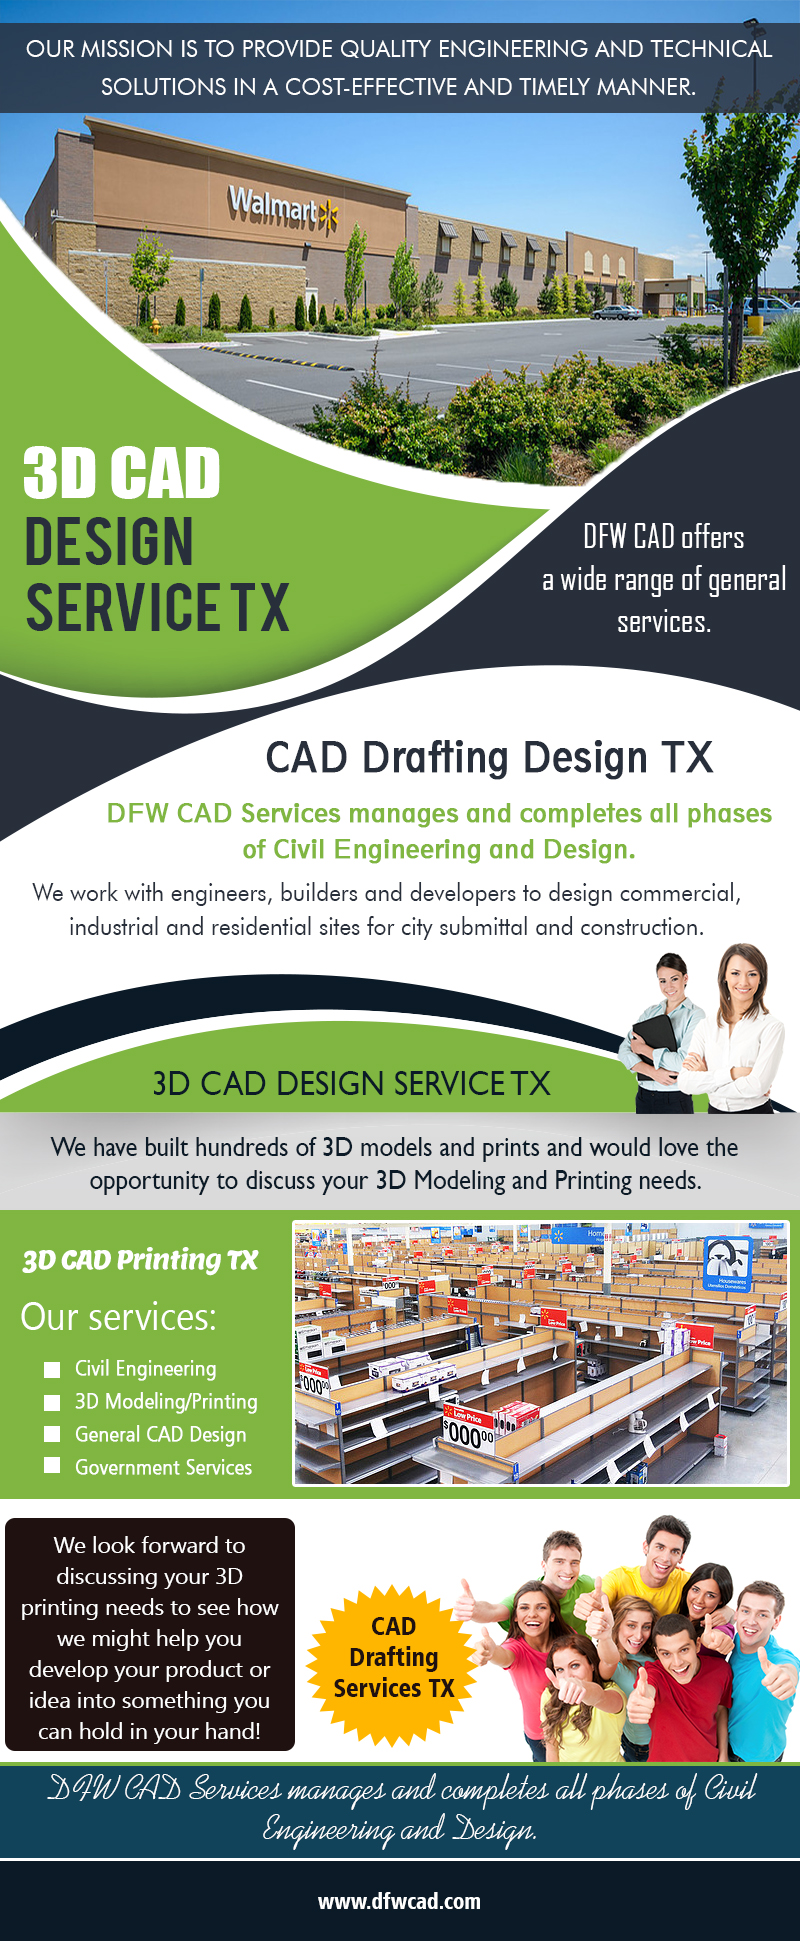 3d CAD Design Service TX   8174732720   dfwcad.com